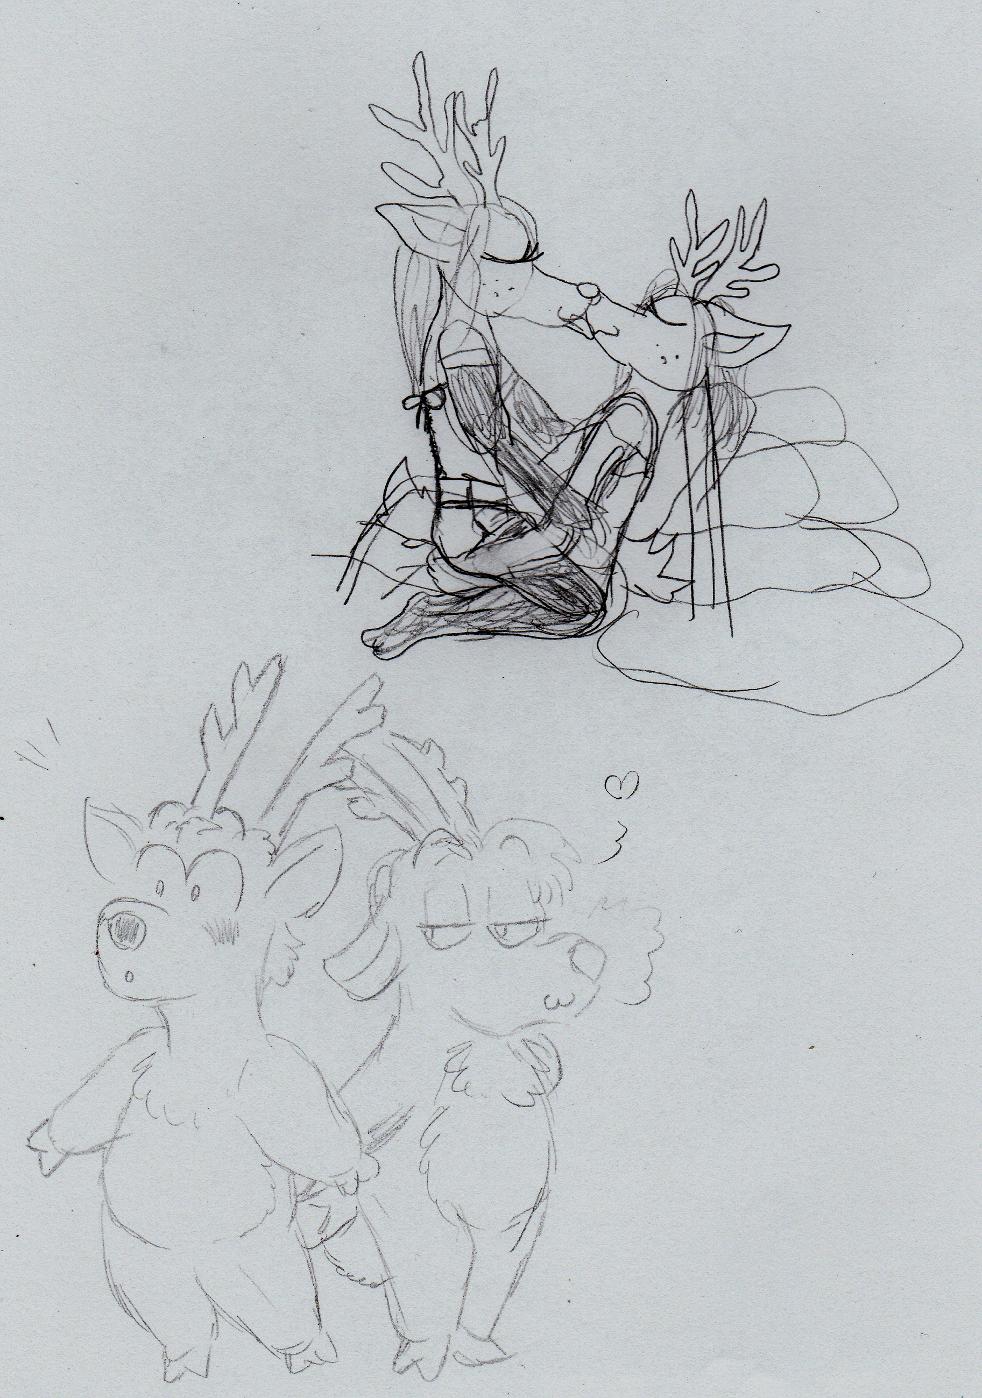 Most recent image: Gay Reindeer doodles